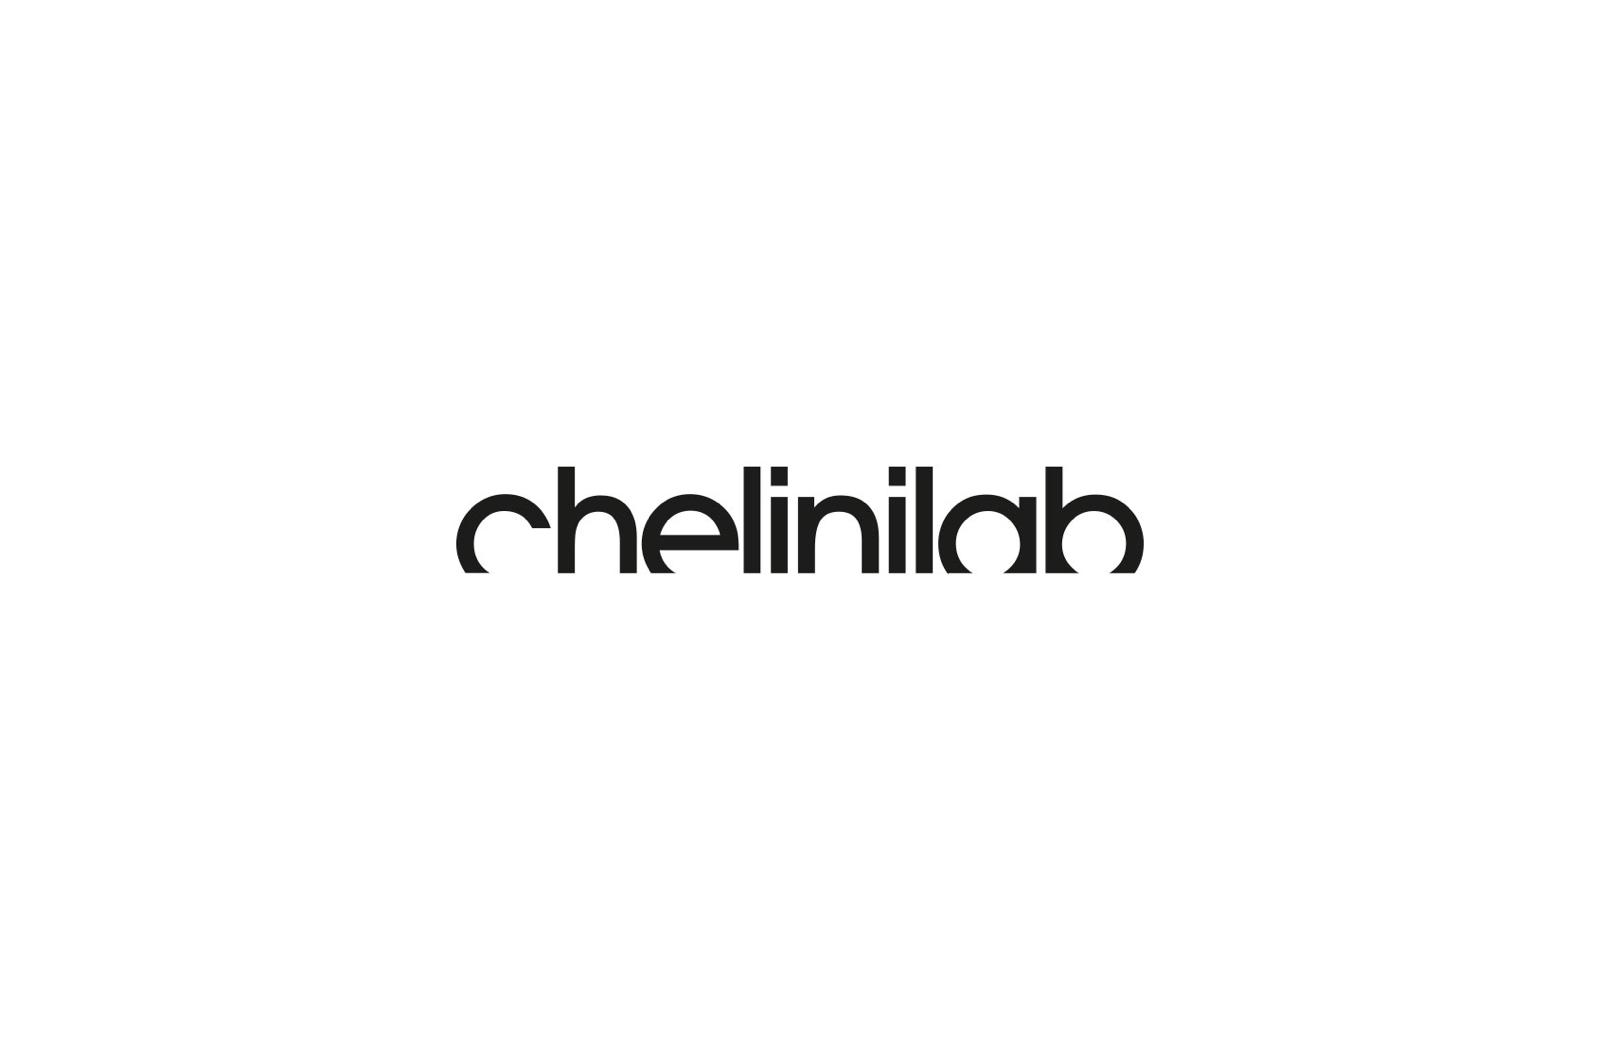 chelinilab